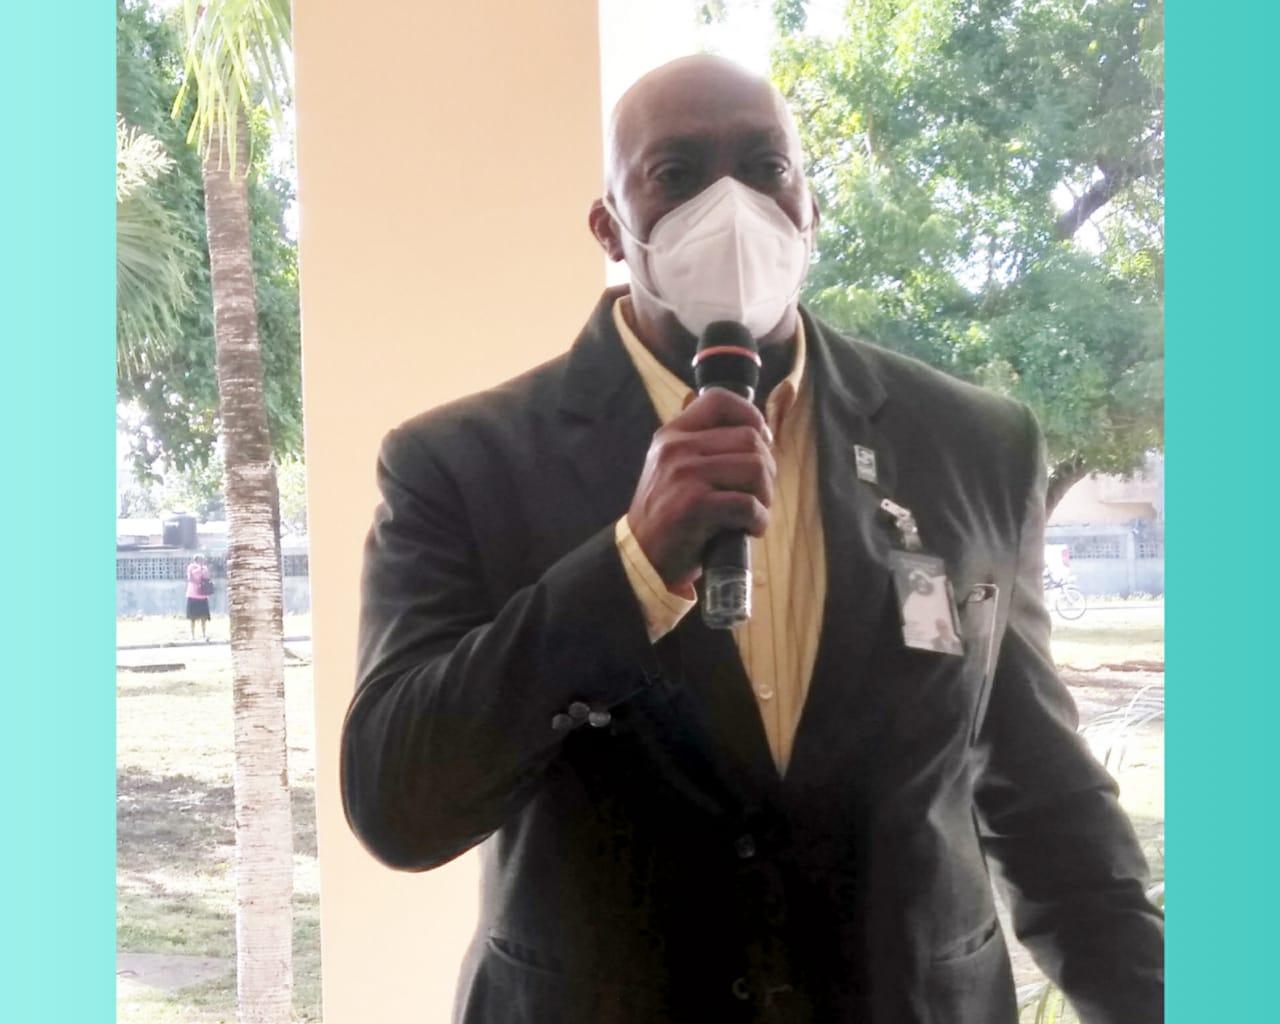 Director Regional Este de Salud llama a la población a mantener el distanciamiento Social para evitar contagios